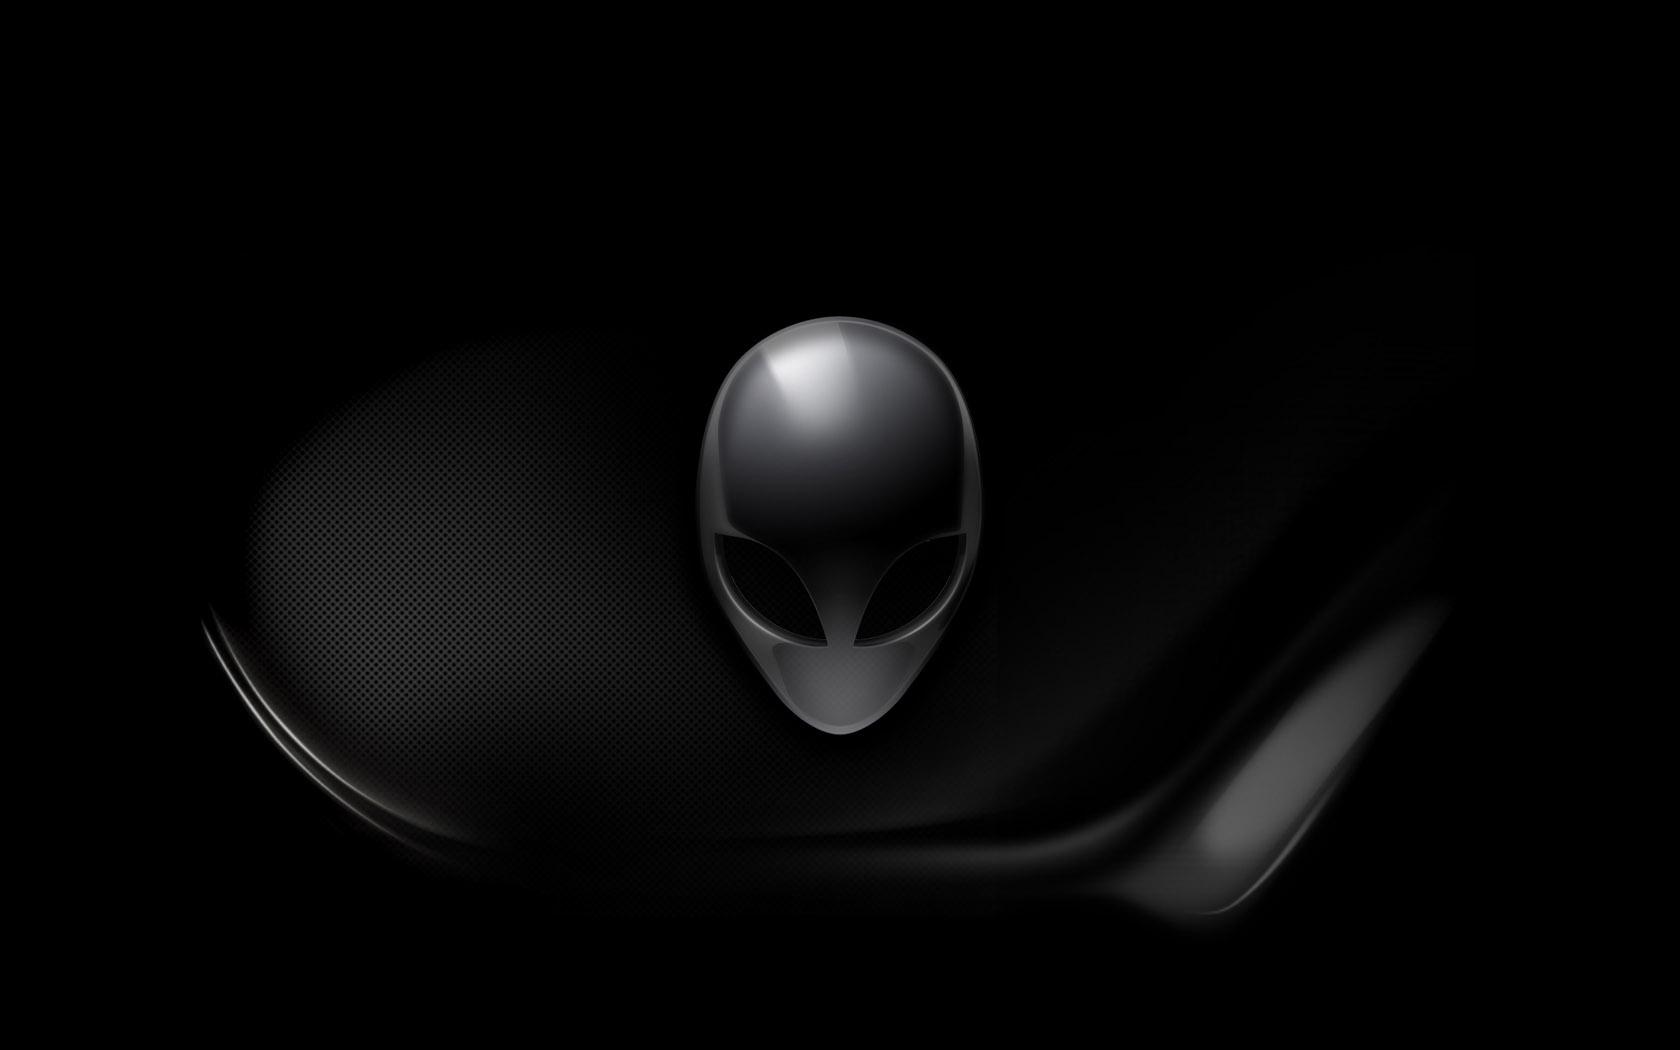 Alienware Computer Wallpapers Desktop Backgrounds 1680x1050 ID 1680x1050